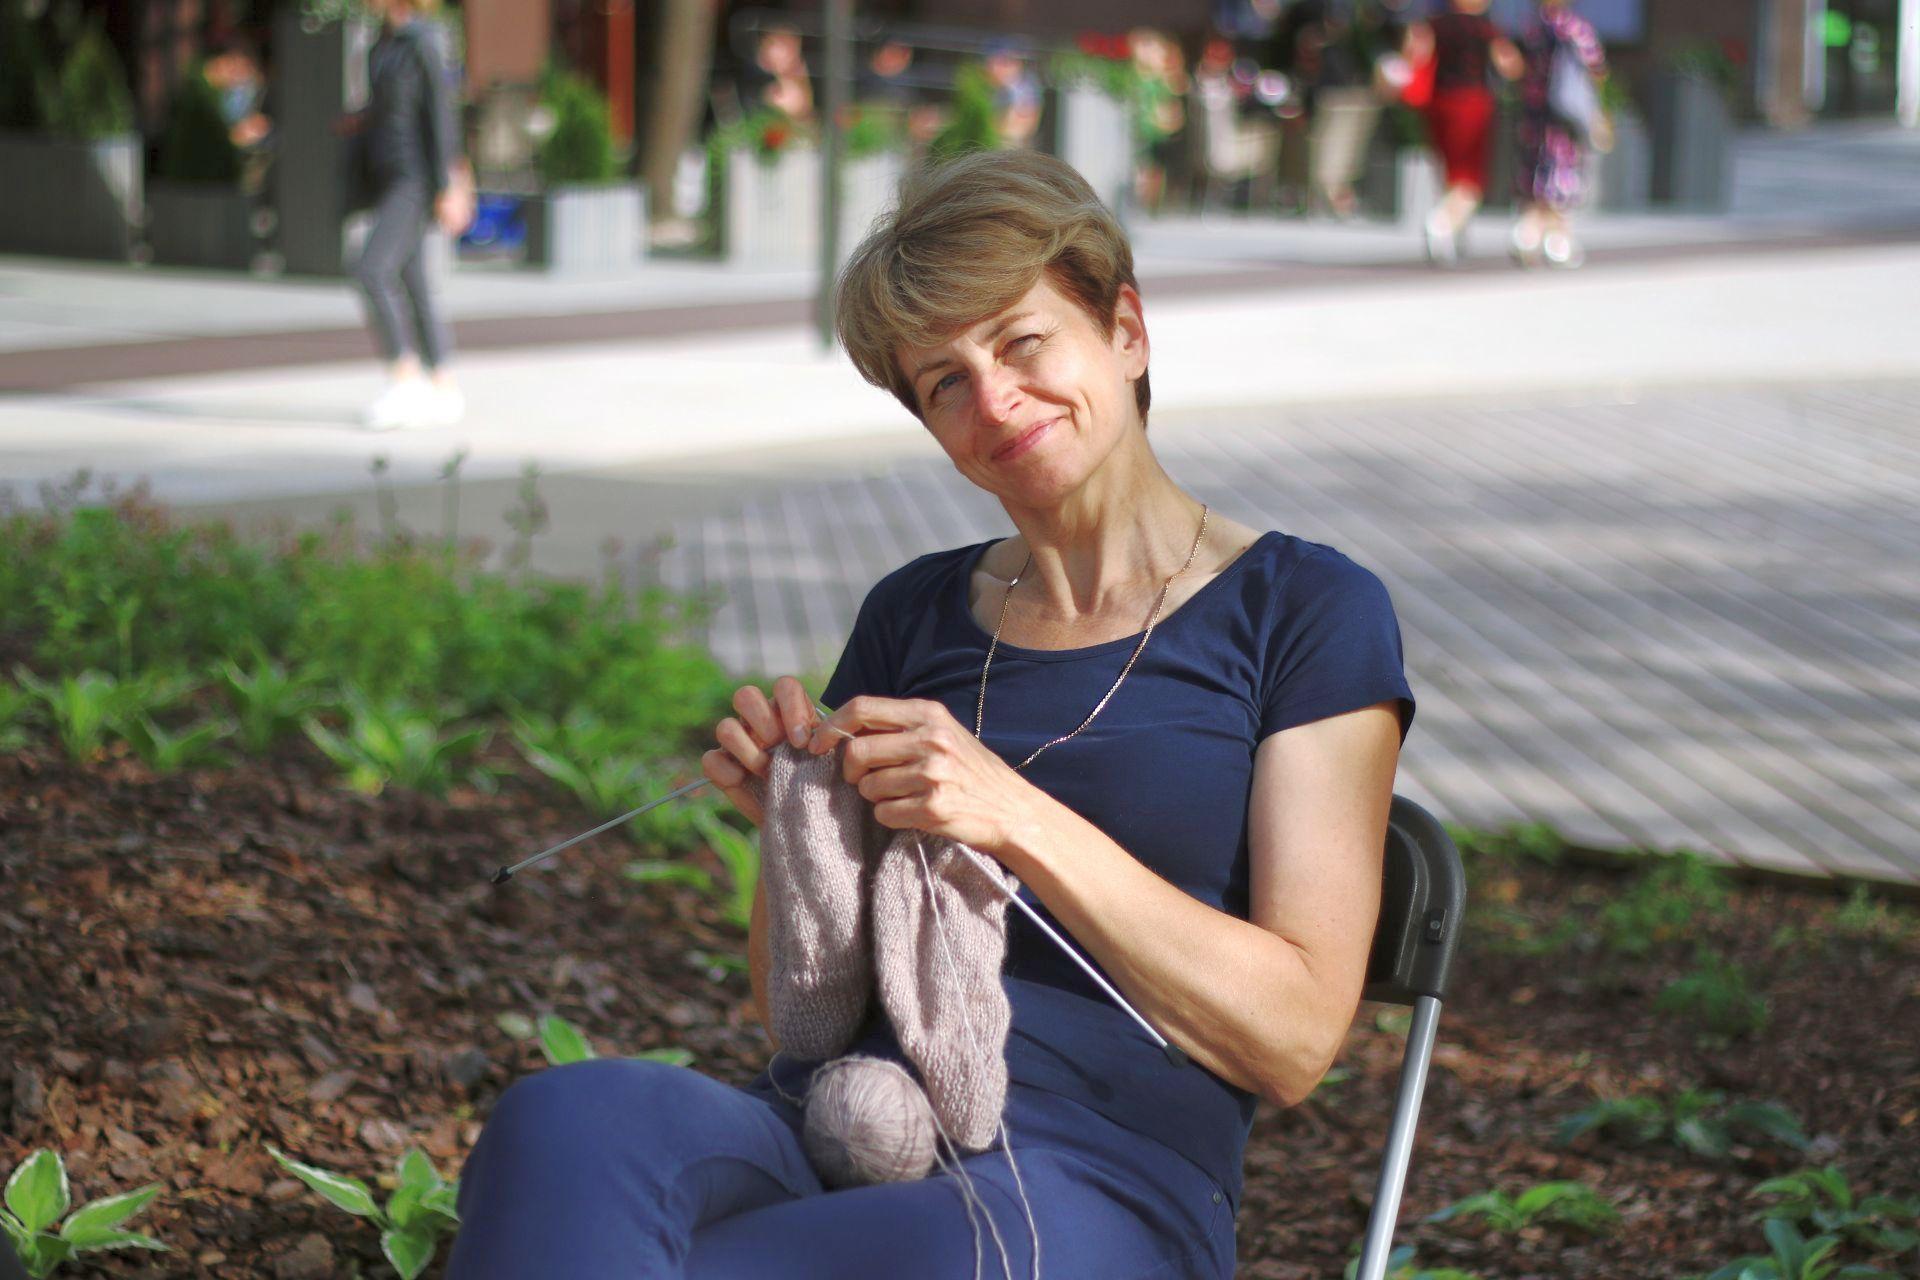 Kvietėme minėti Pasaulinę mezgimo viešumoje dieną